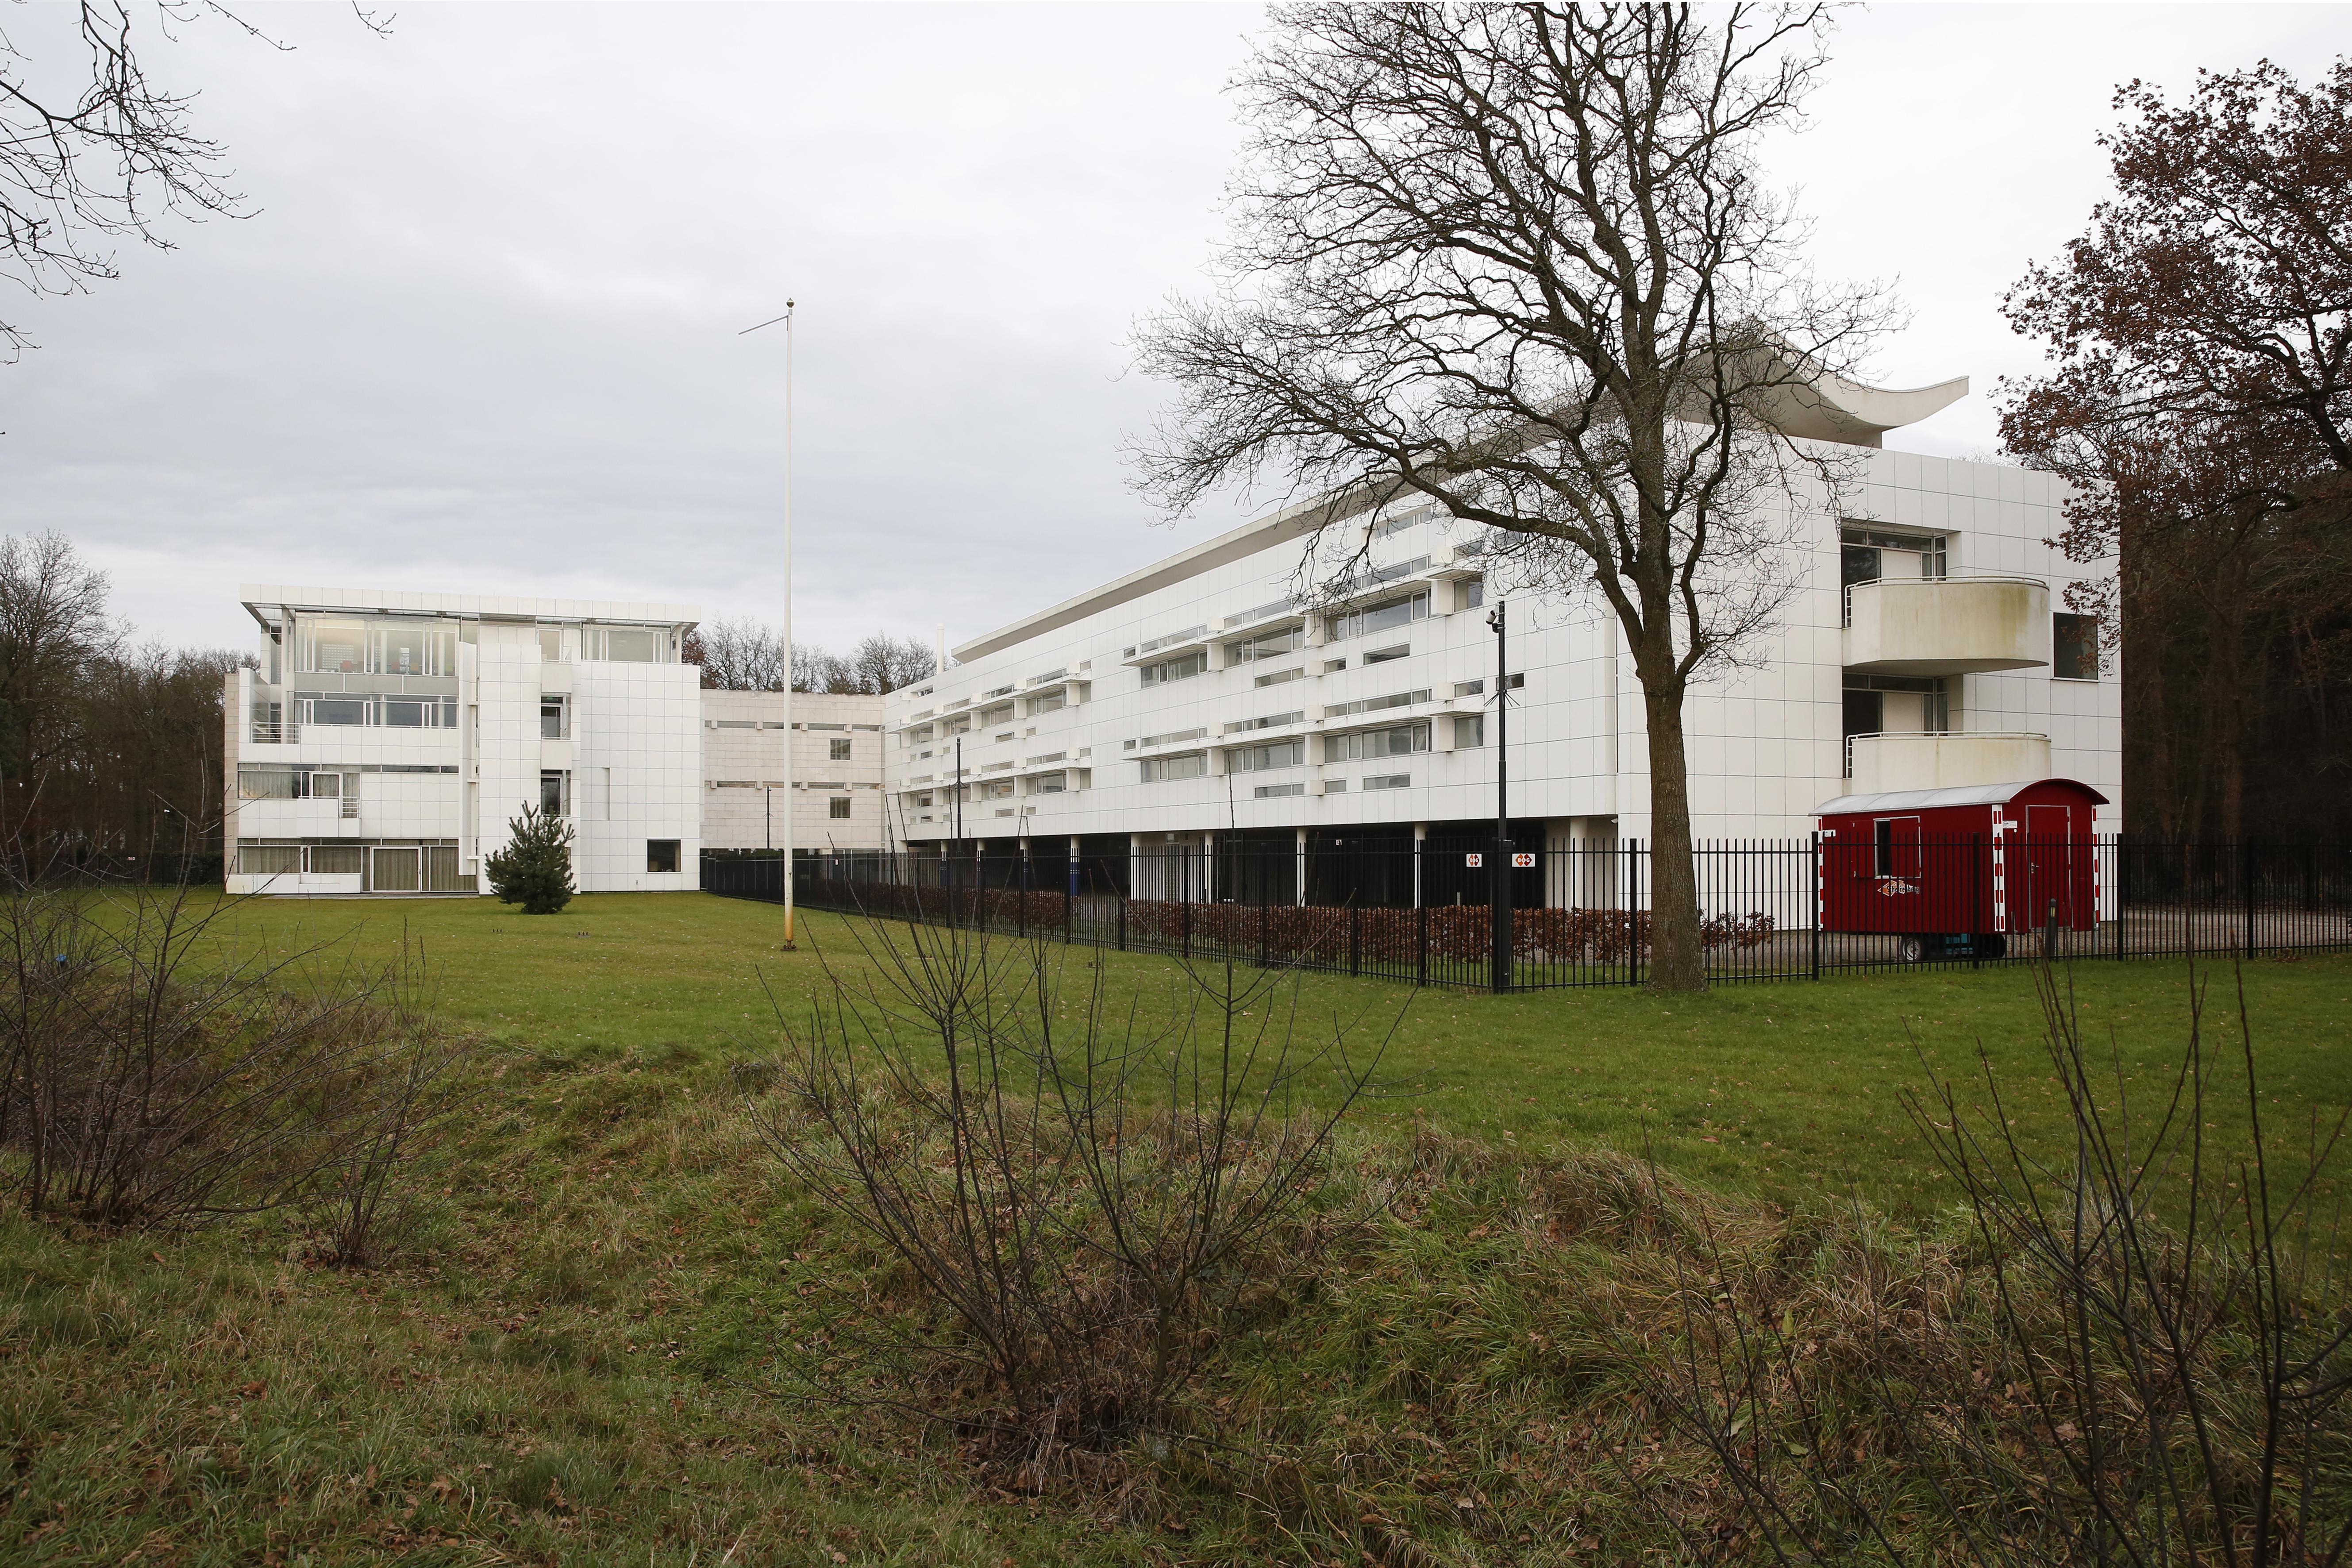 Politiebureau aan de Groest in Hilversum sluit op 4 februari de deuren. Agenten verhuizen voor een paar jaar naar luxe kantoorpand in villawijk